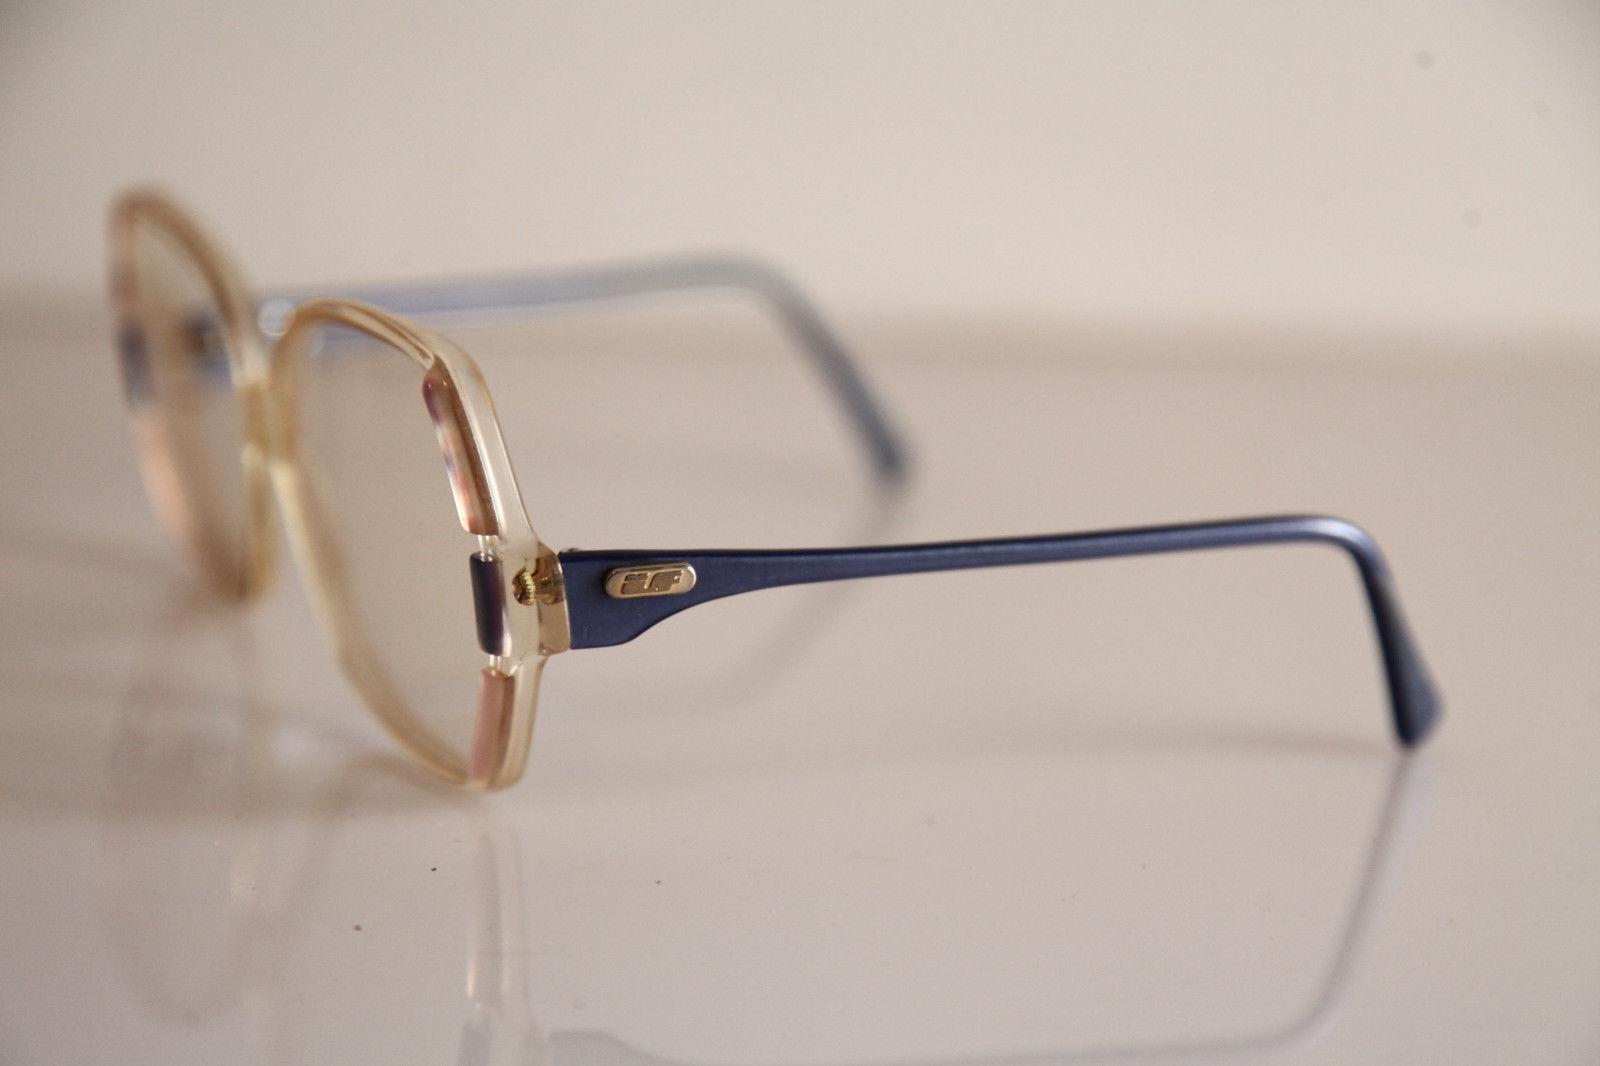 LF INVICTA CATHY Eyewear, Crystal, pink, Blue Frame,  RX-Able Prescription.